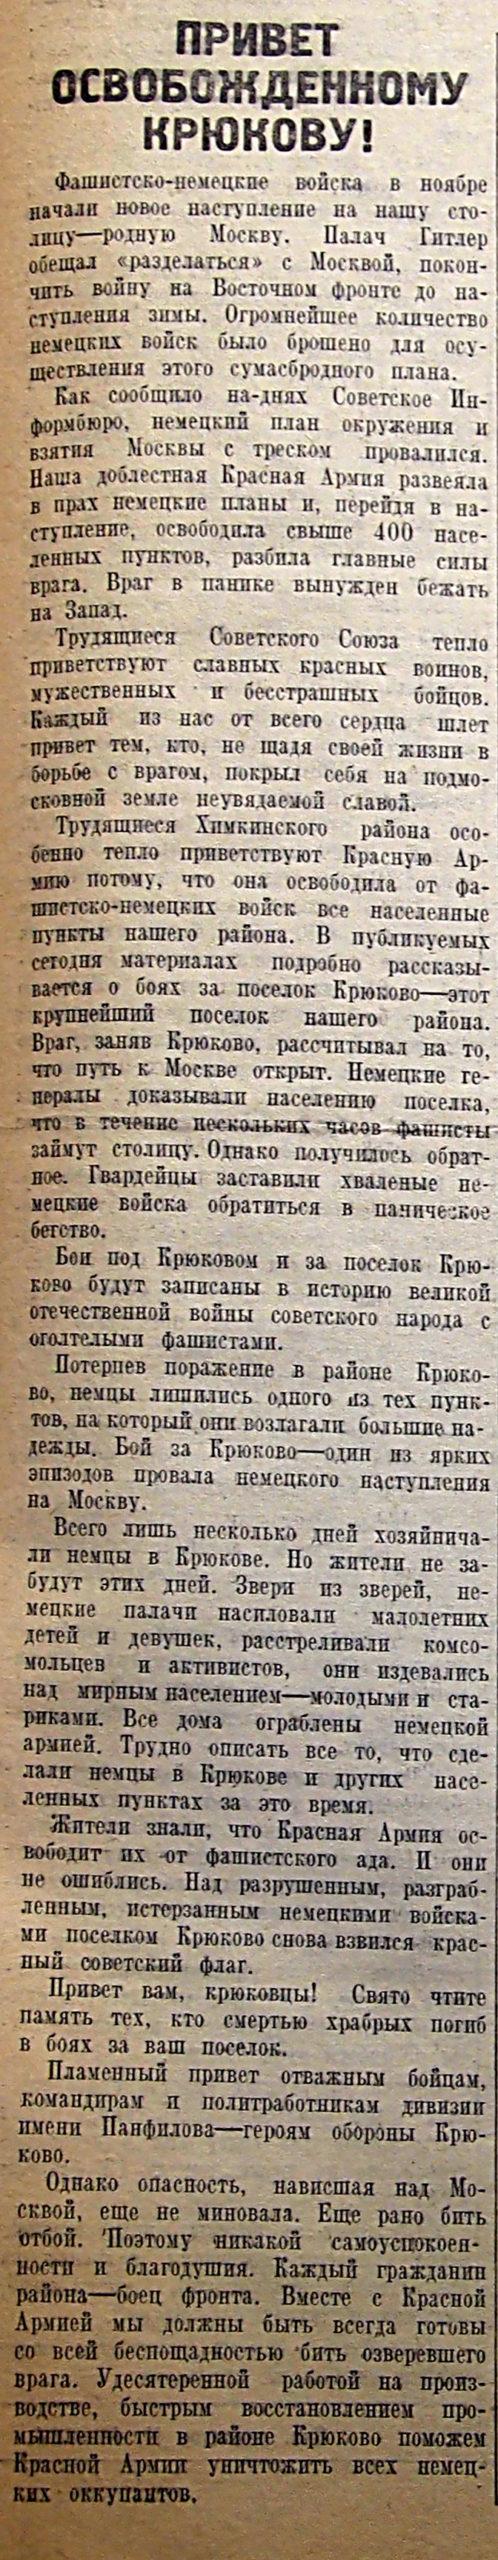 1941-12-17 Сталинский путь п.1 Привет освобождённому Крюкову.jpg